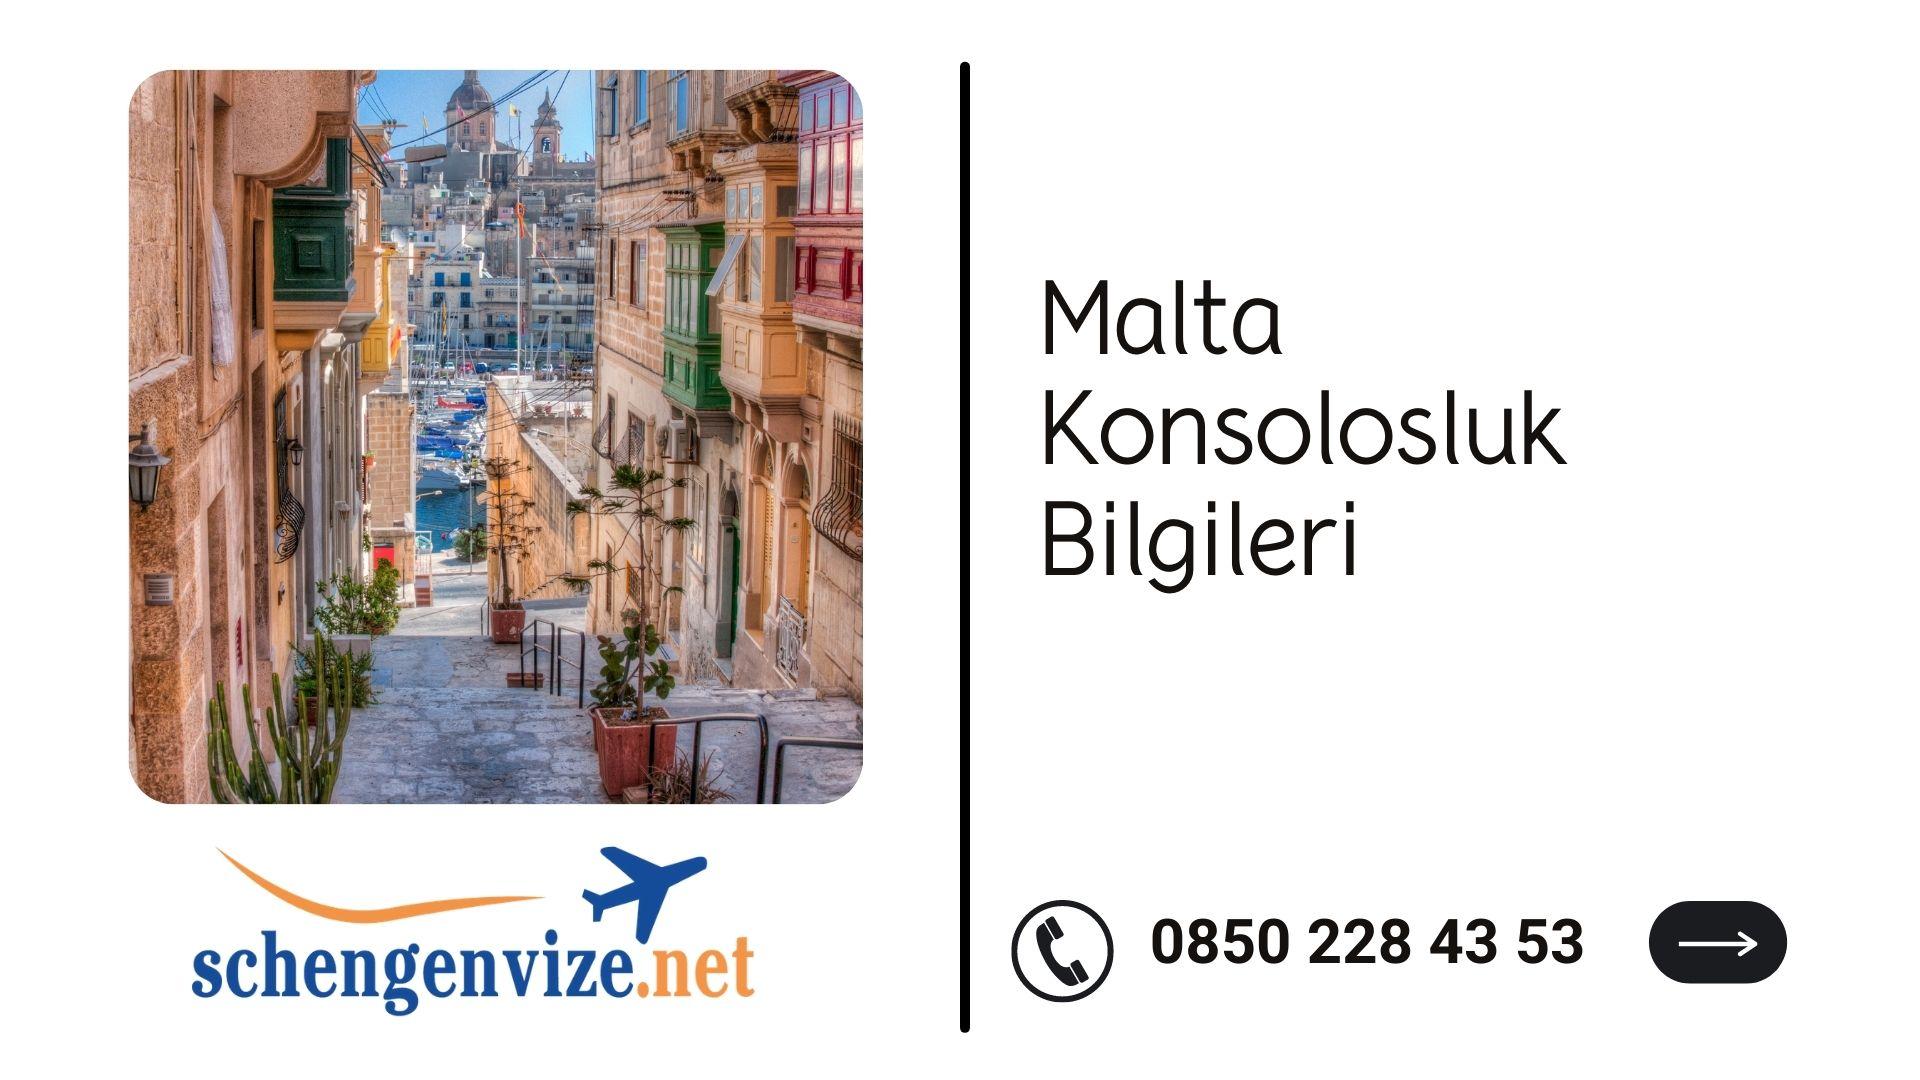 Malta Konsolosluk Bilgileri